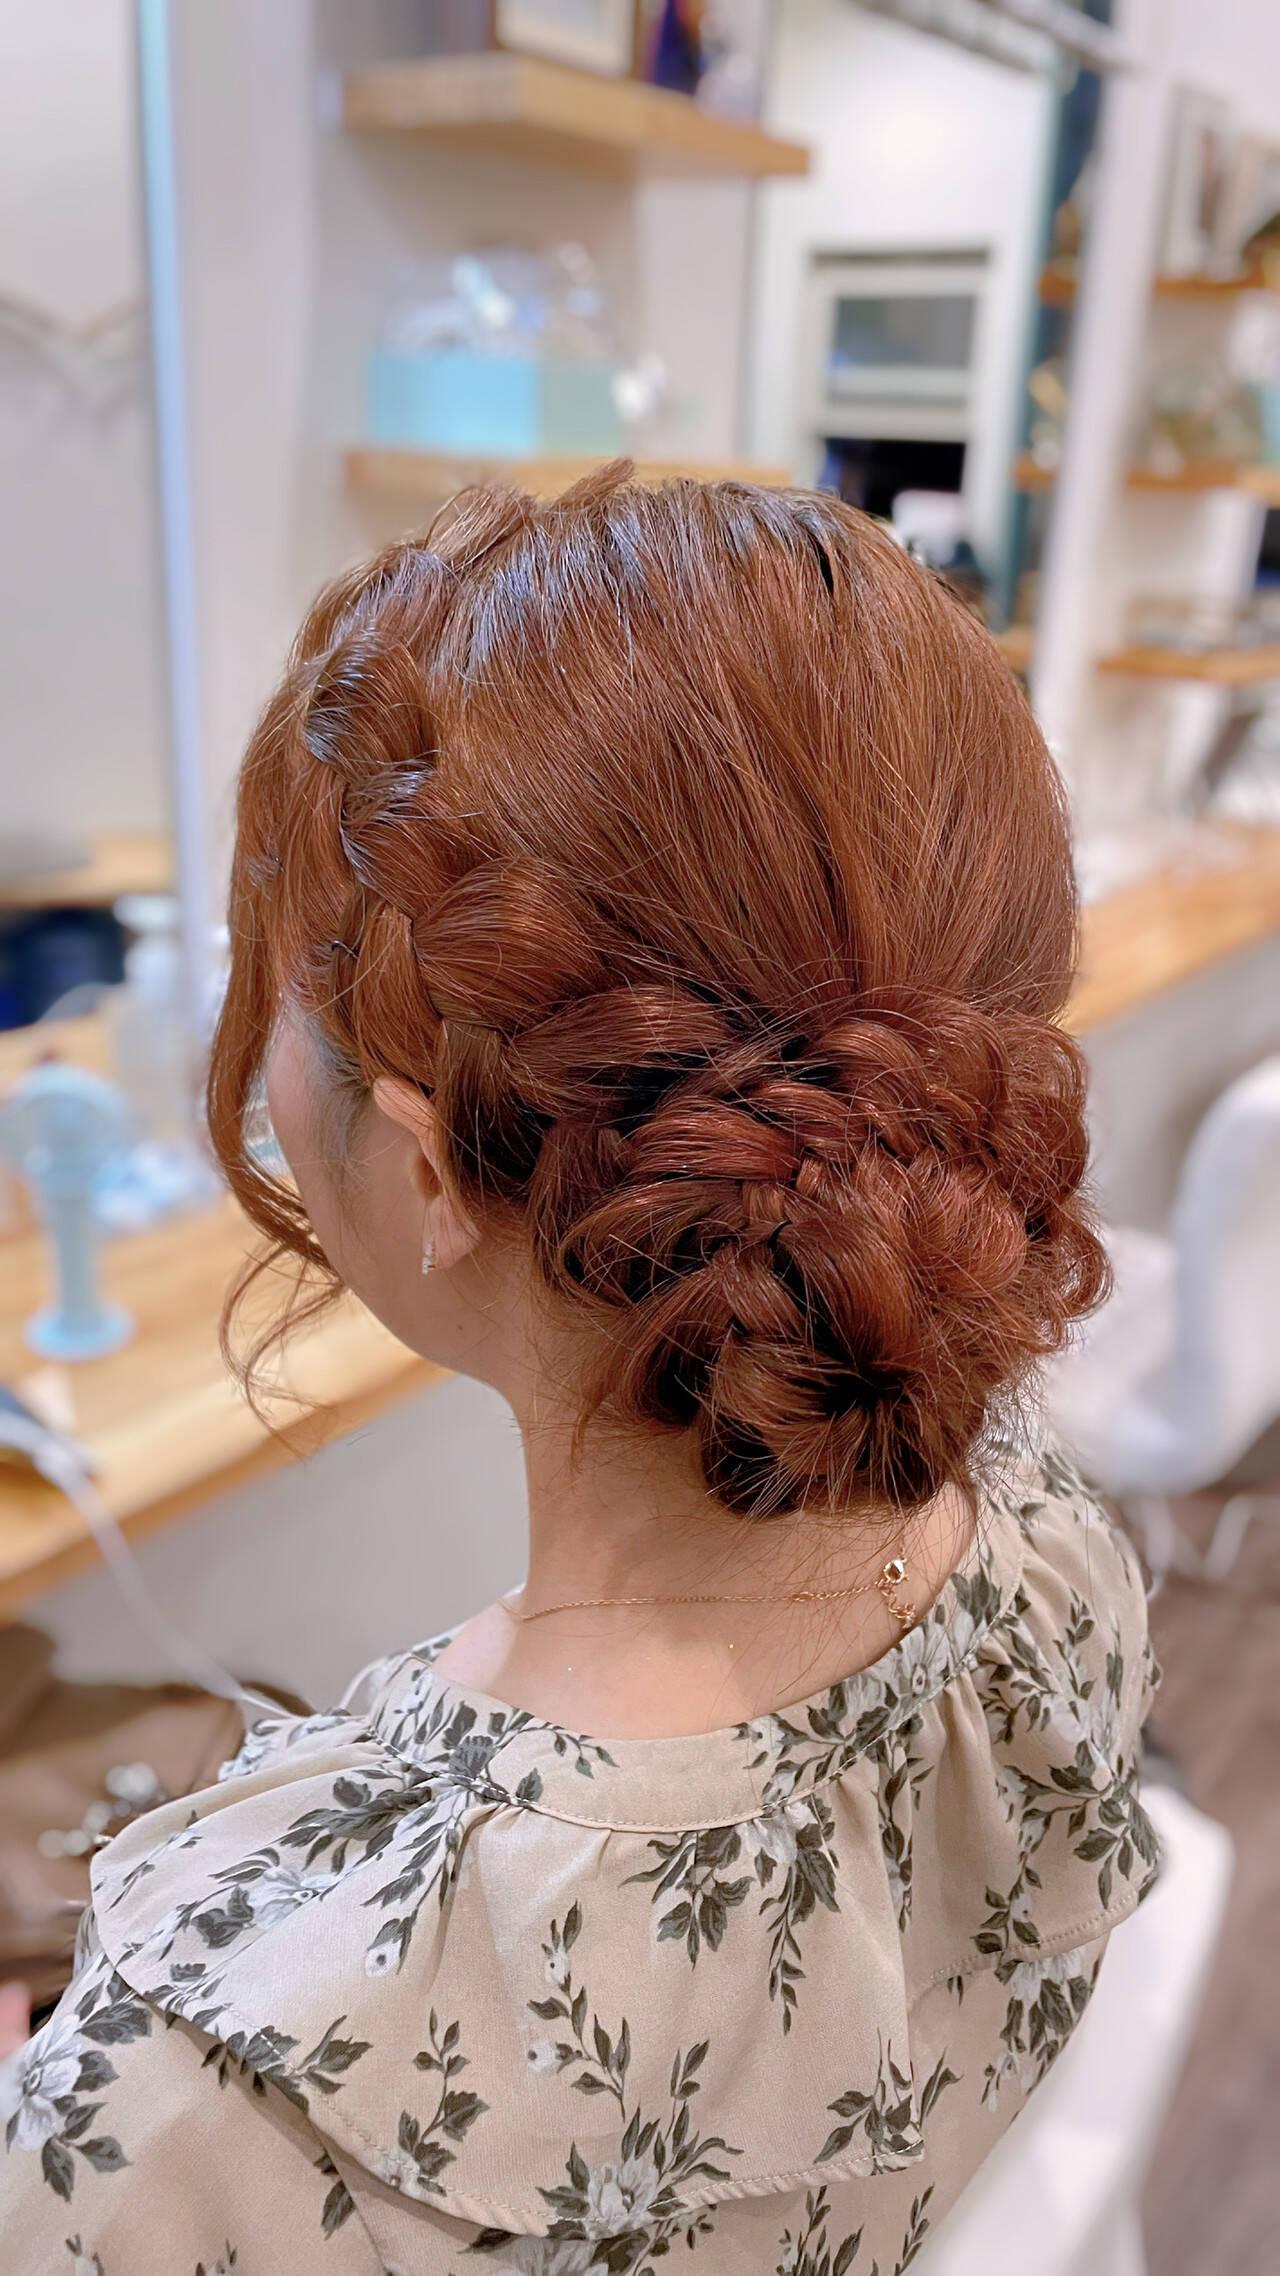 お団子アレンジ ガーリー 簡単ヘアアレンジ セミロングヘアスタイルや髪型の写真・画像